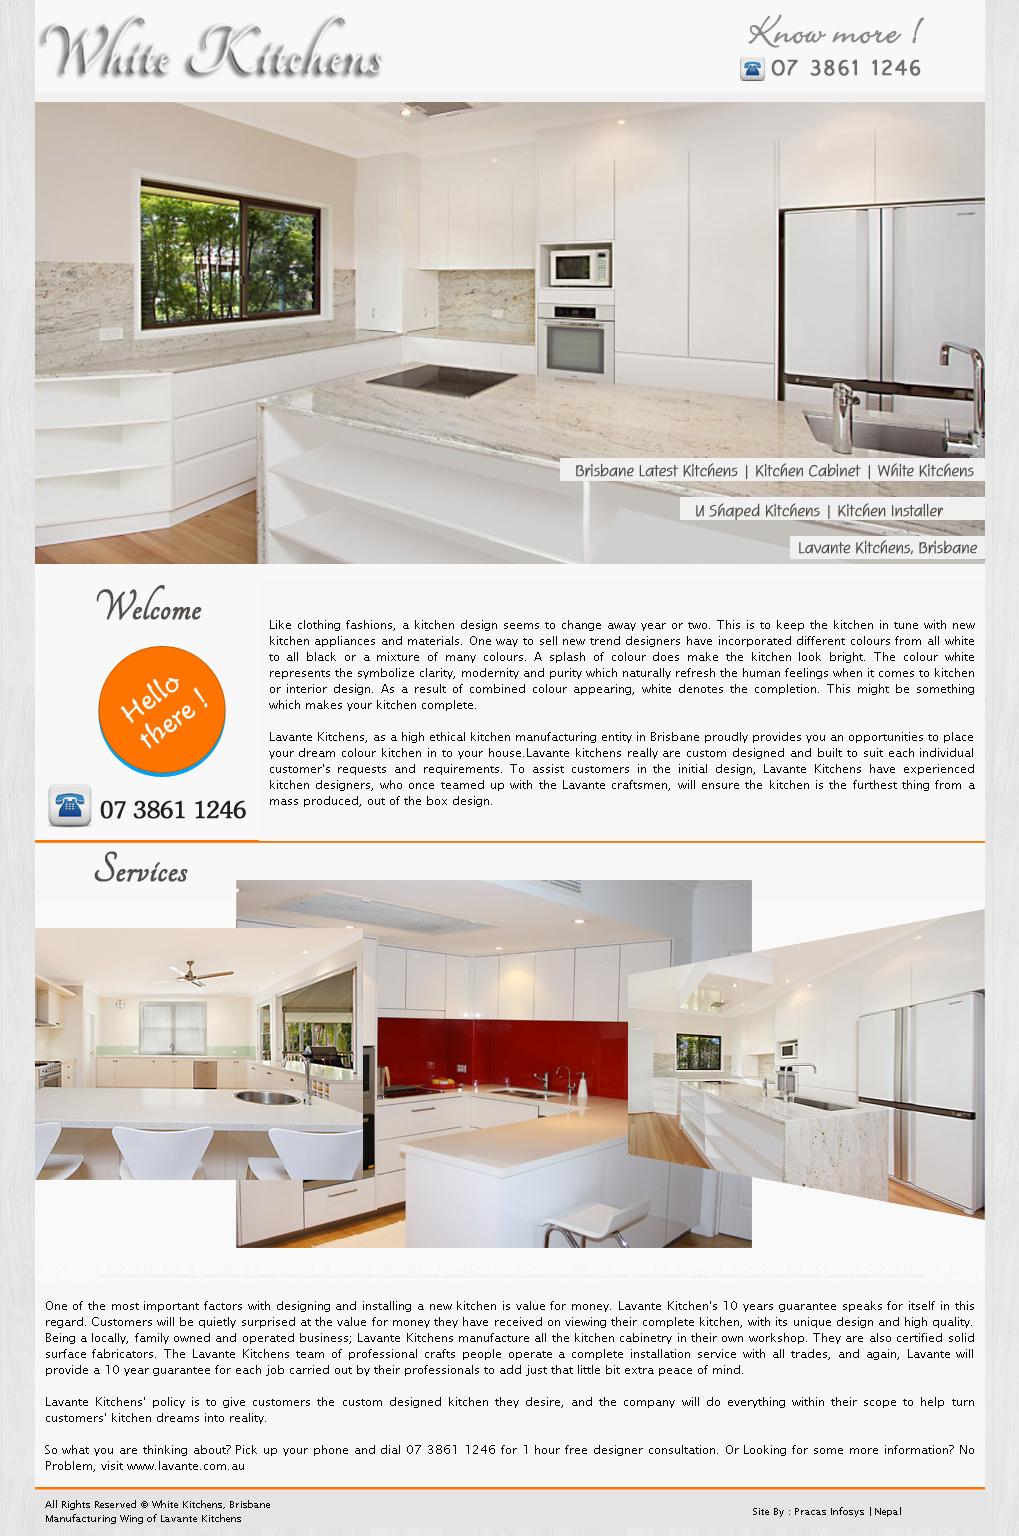 White kitchen, Brisbane Australia | Projects | Pinterest